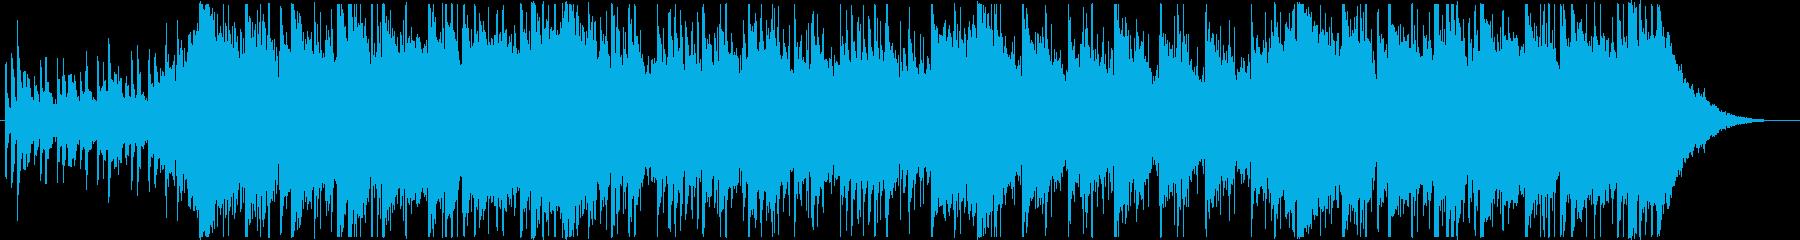 日本らしい切なく壮大な和風BGMの再生済みの波形